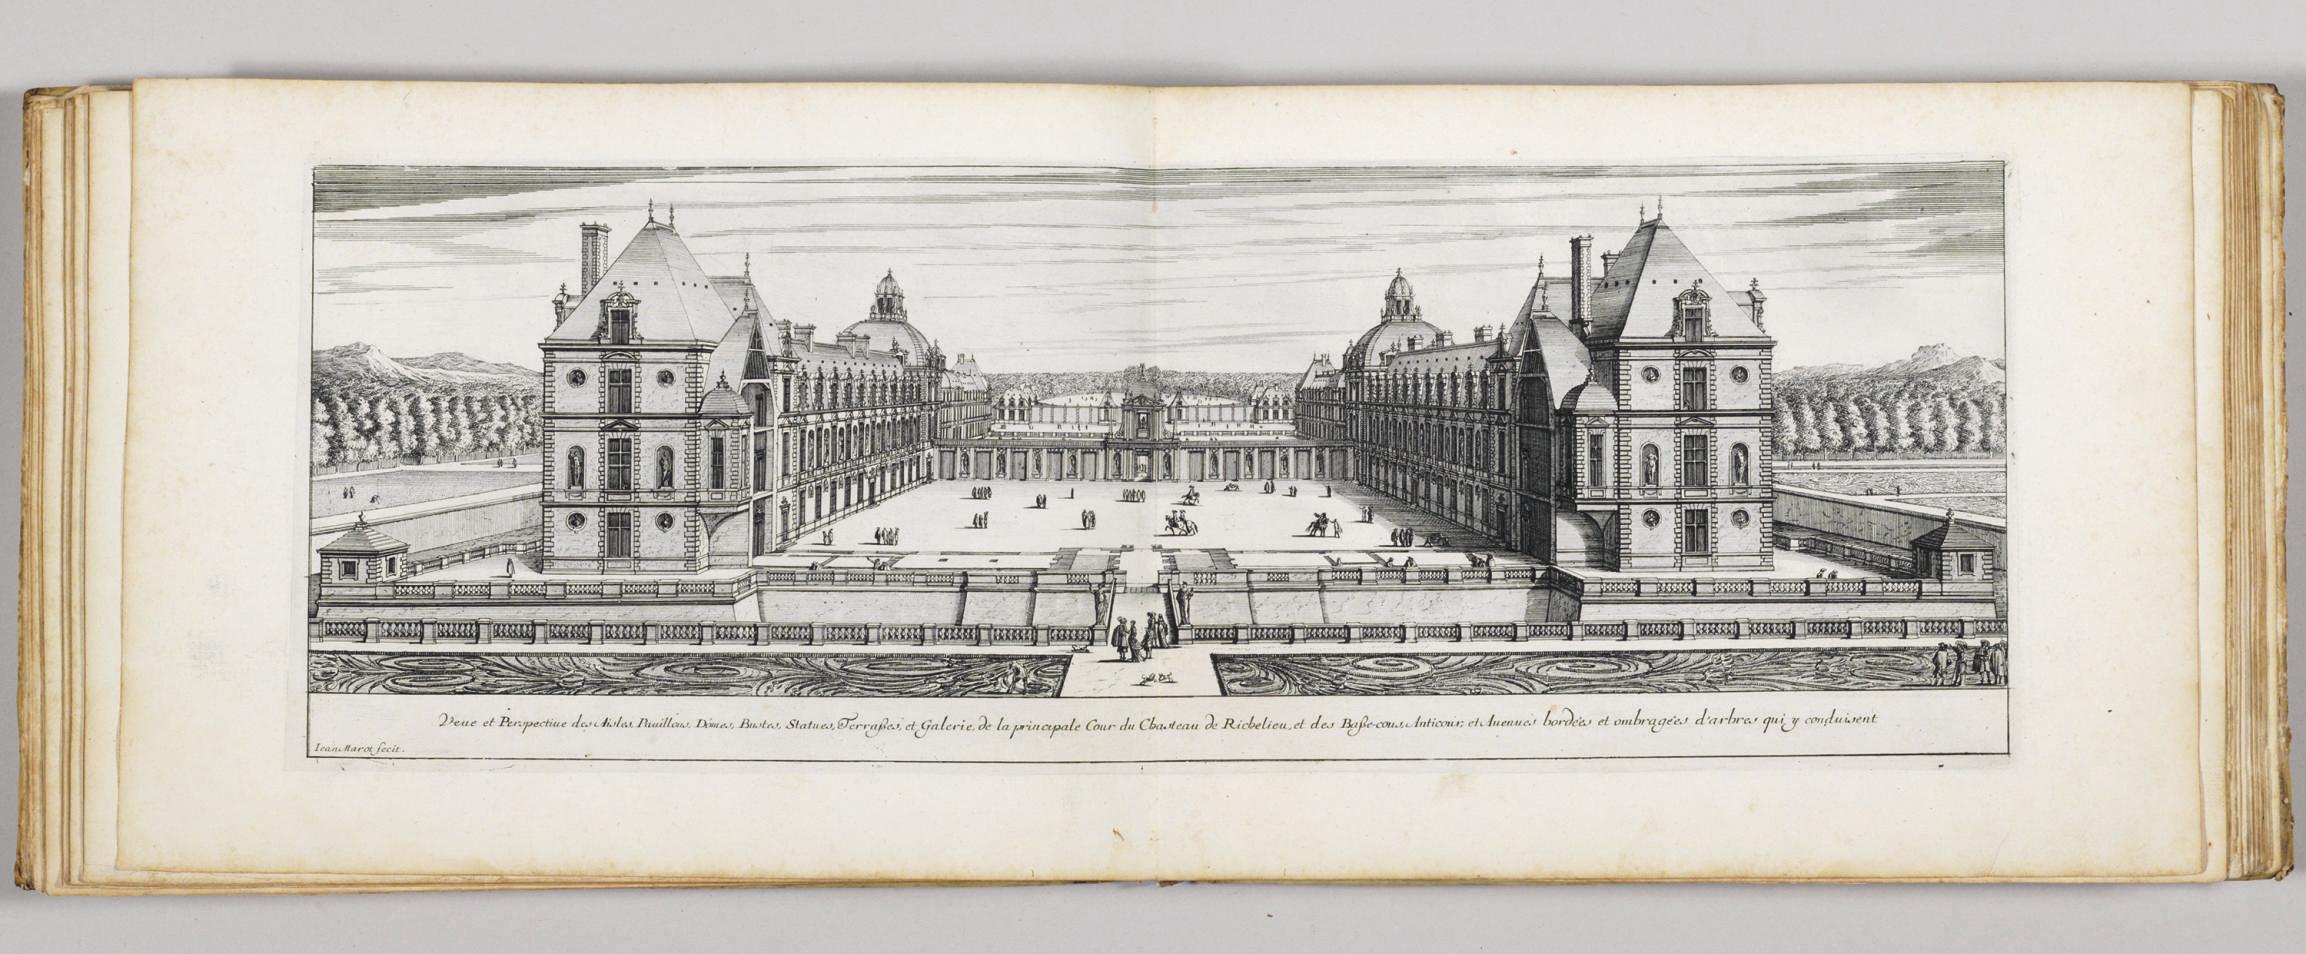 MAROT, Jean (ca 1619?-1679). Le magnifique Chasteau de Richelieu, en general et en particulier, ou les plans, les elevations, et profils generaux et particuliers dudit chasteau. Paris, n.d. [ca 1660].